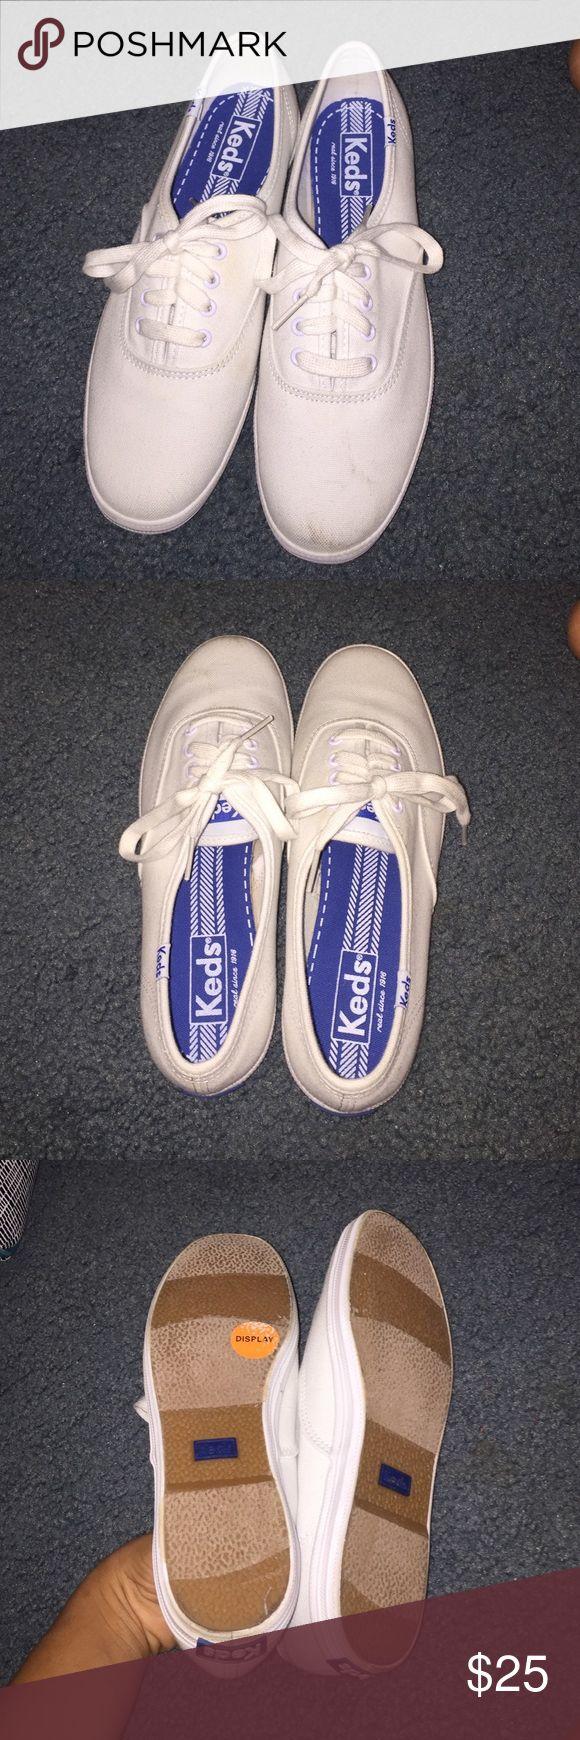 keds white sneakers fashion